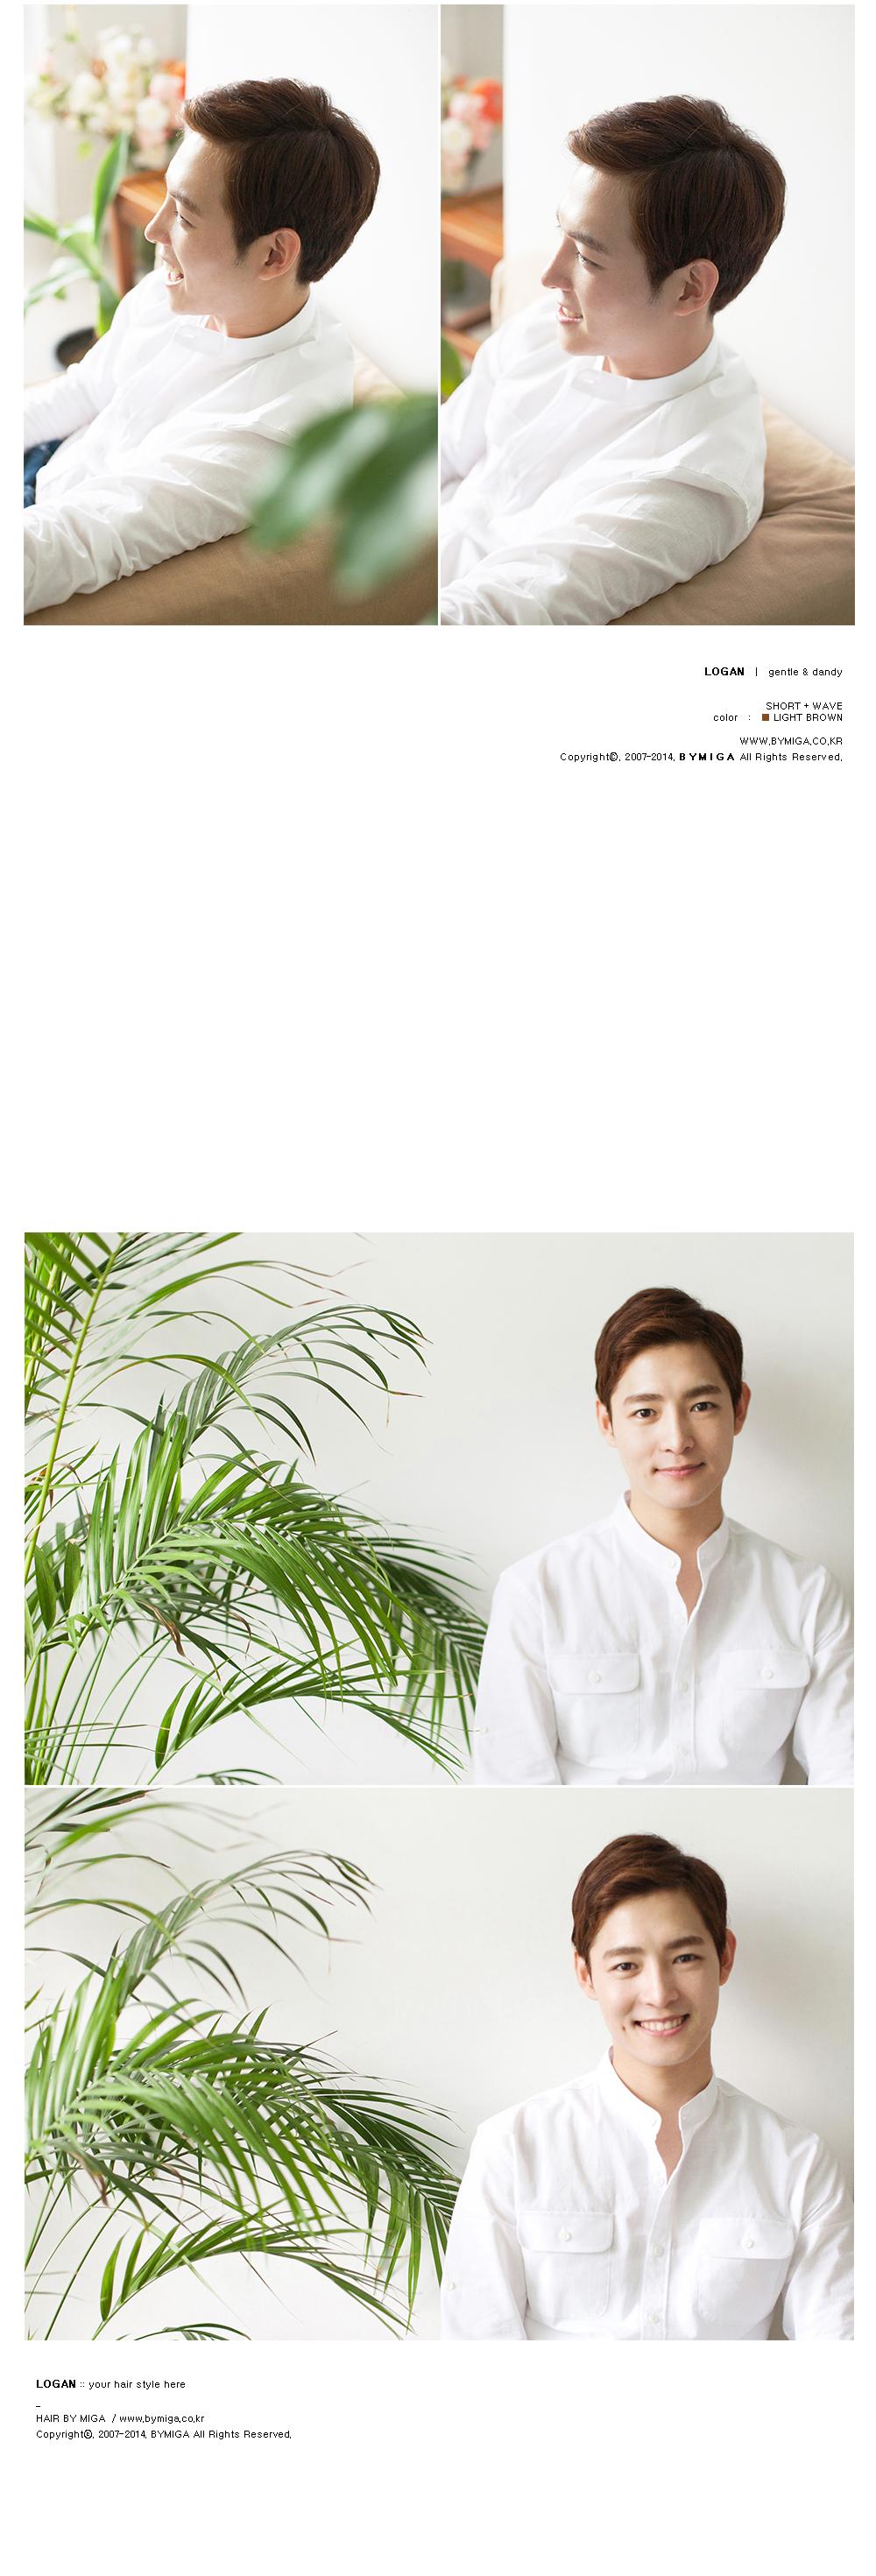 韓国のヘアカタログ